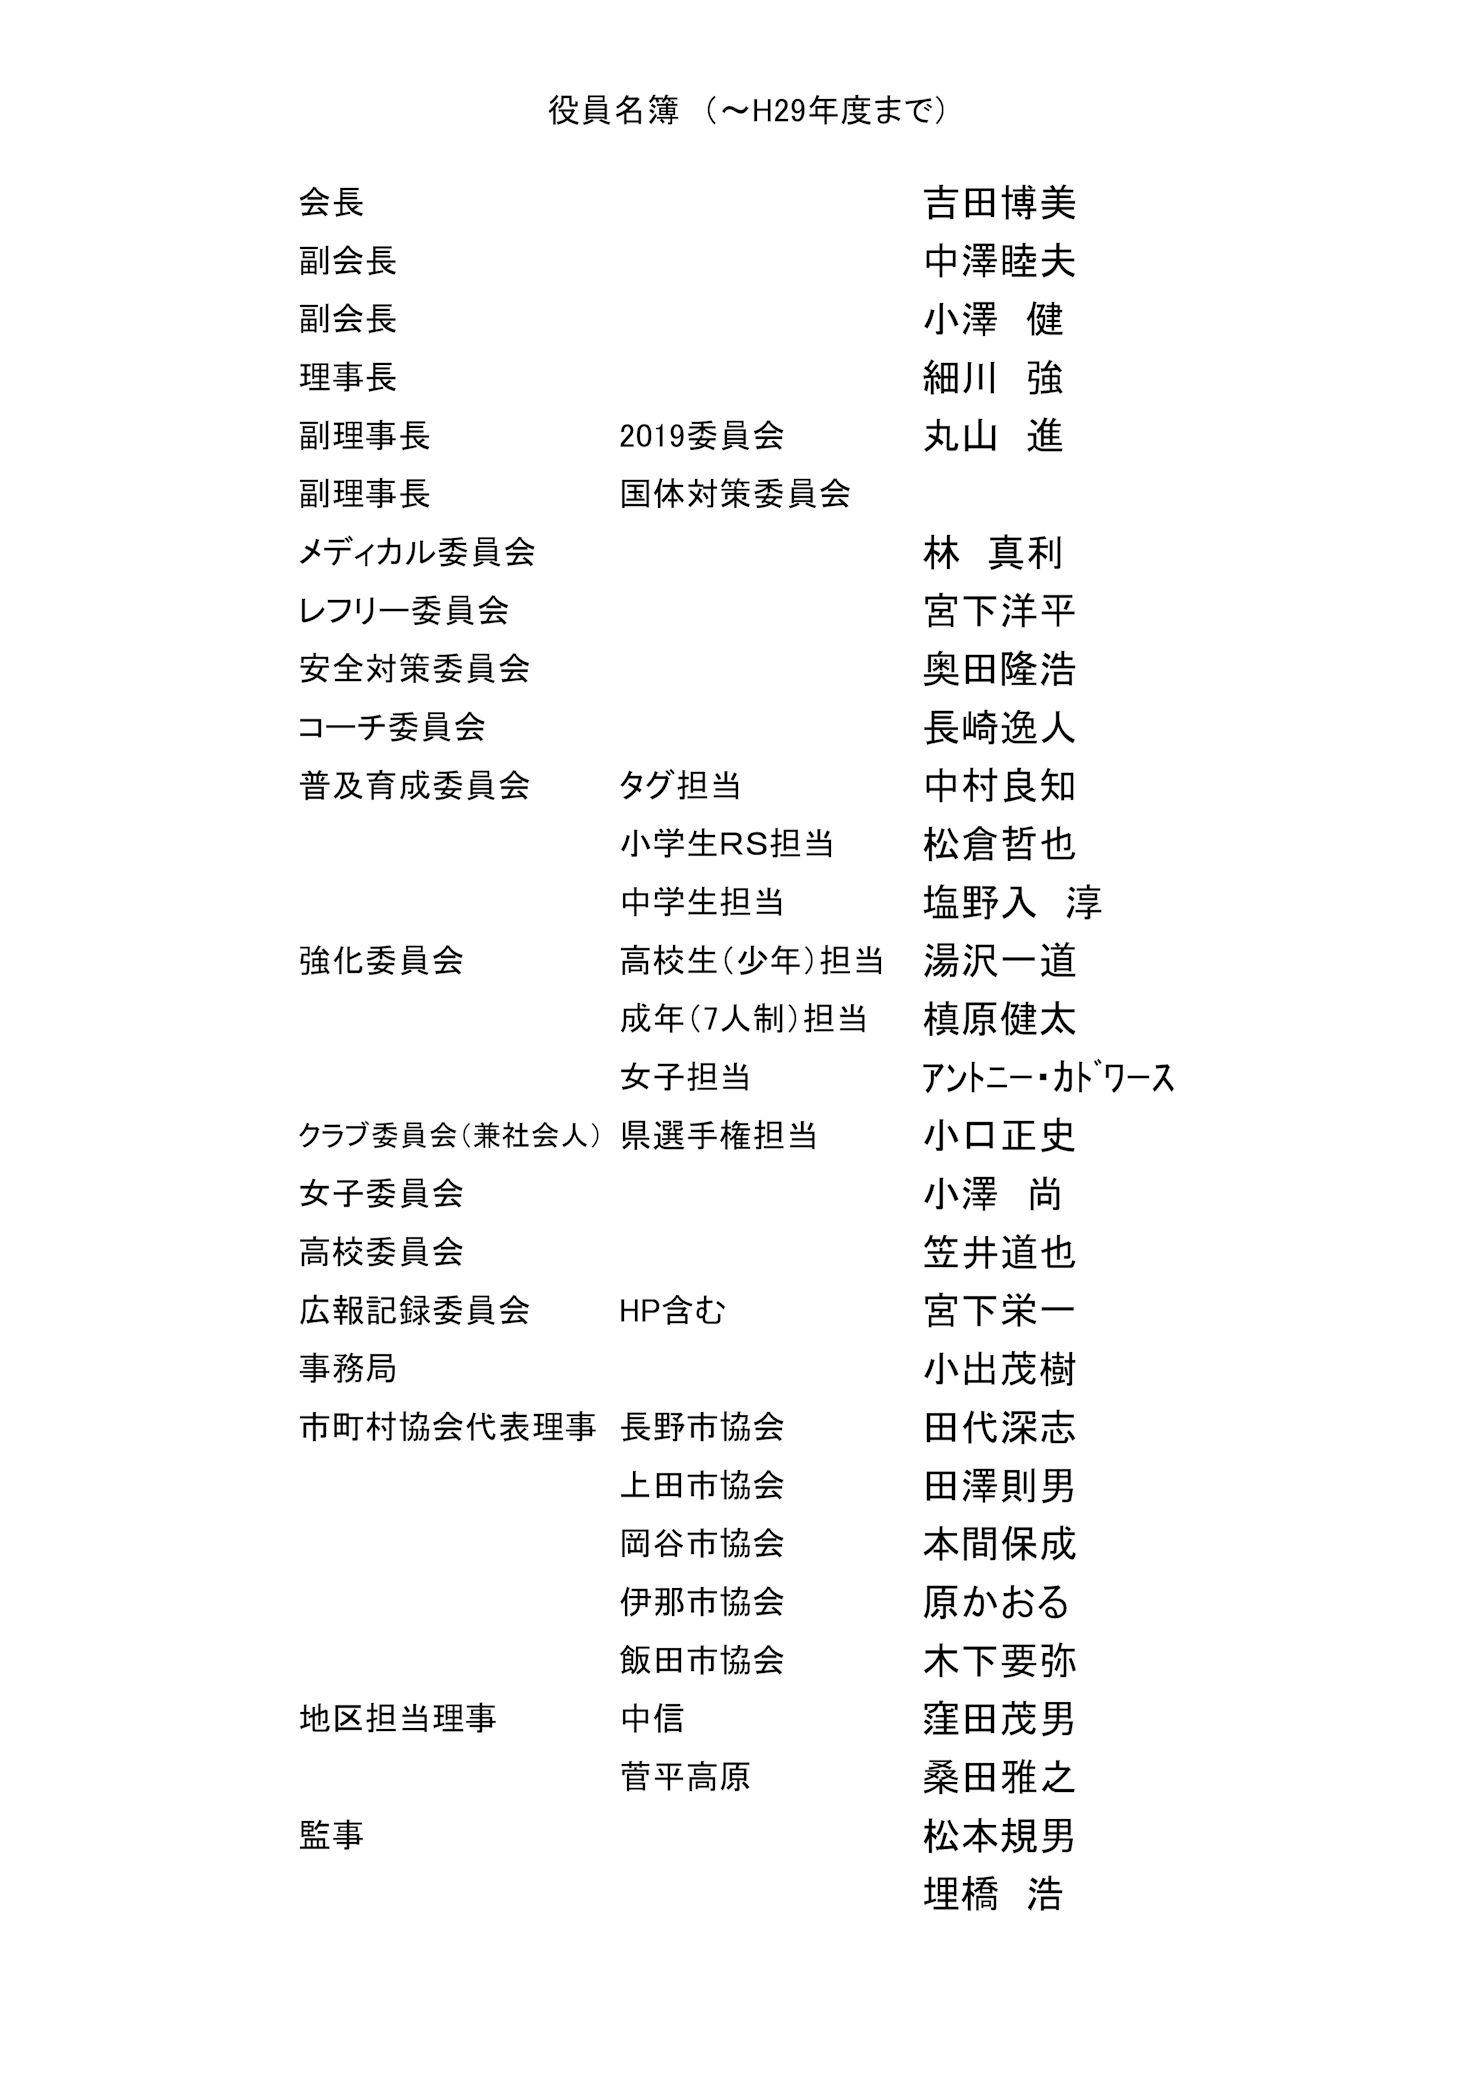 official-member-2017.jpg